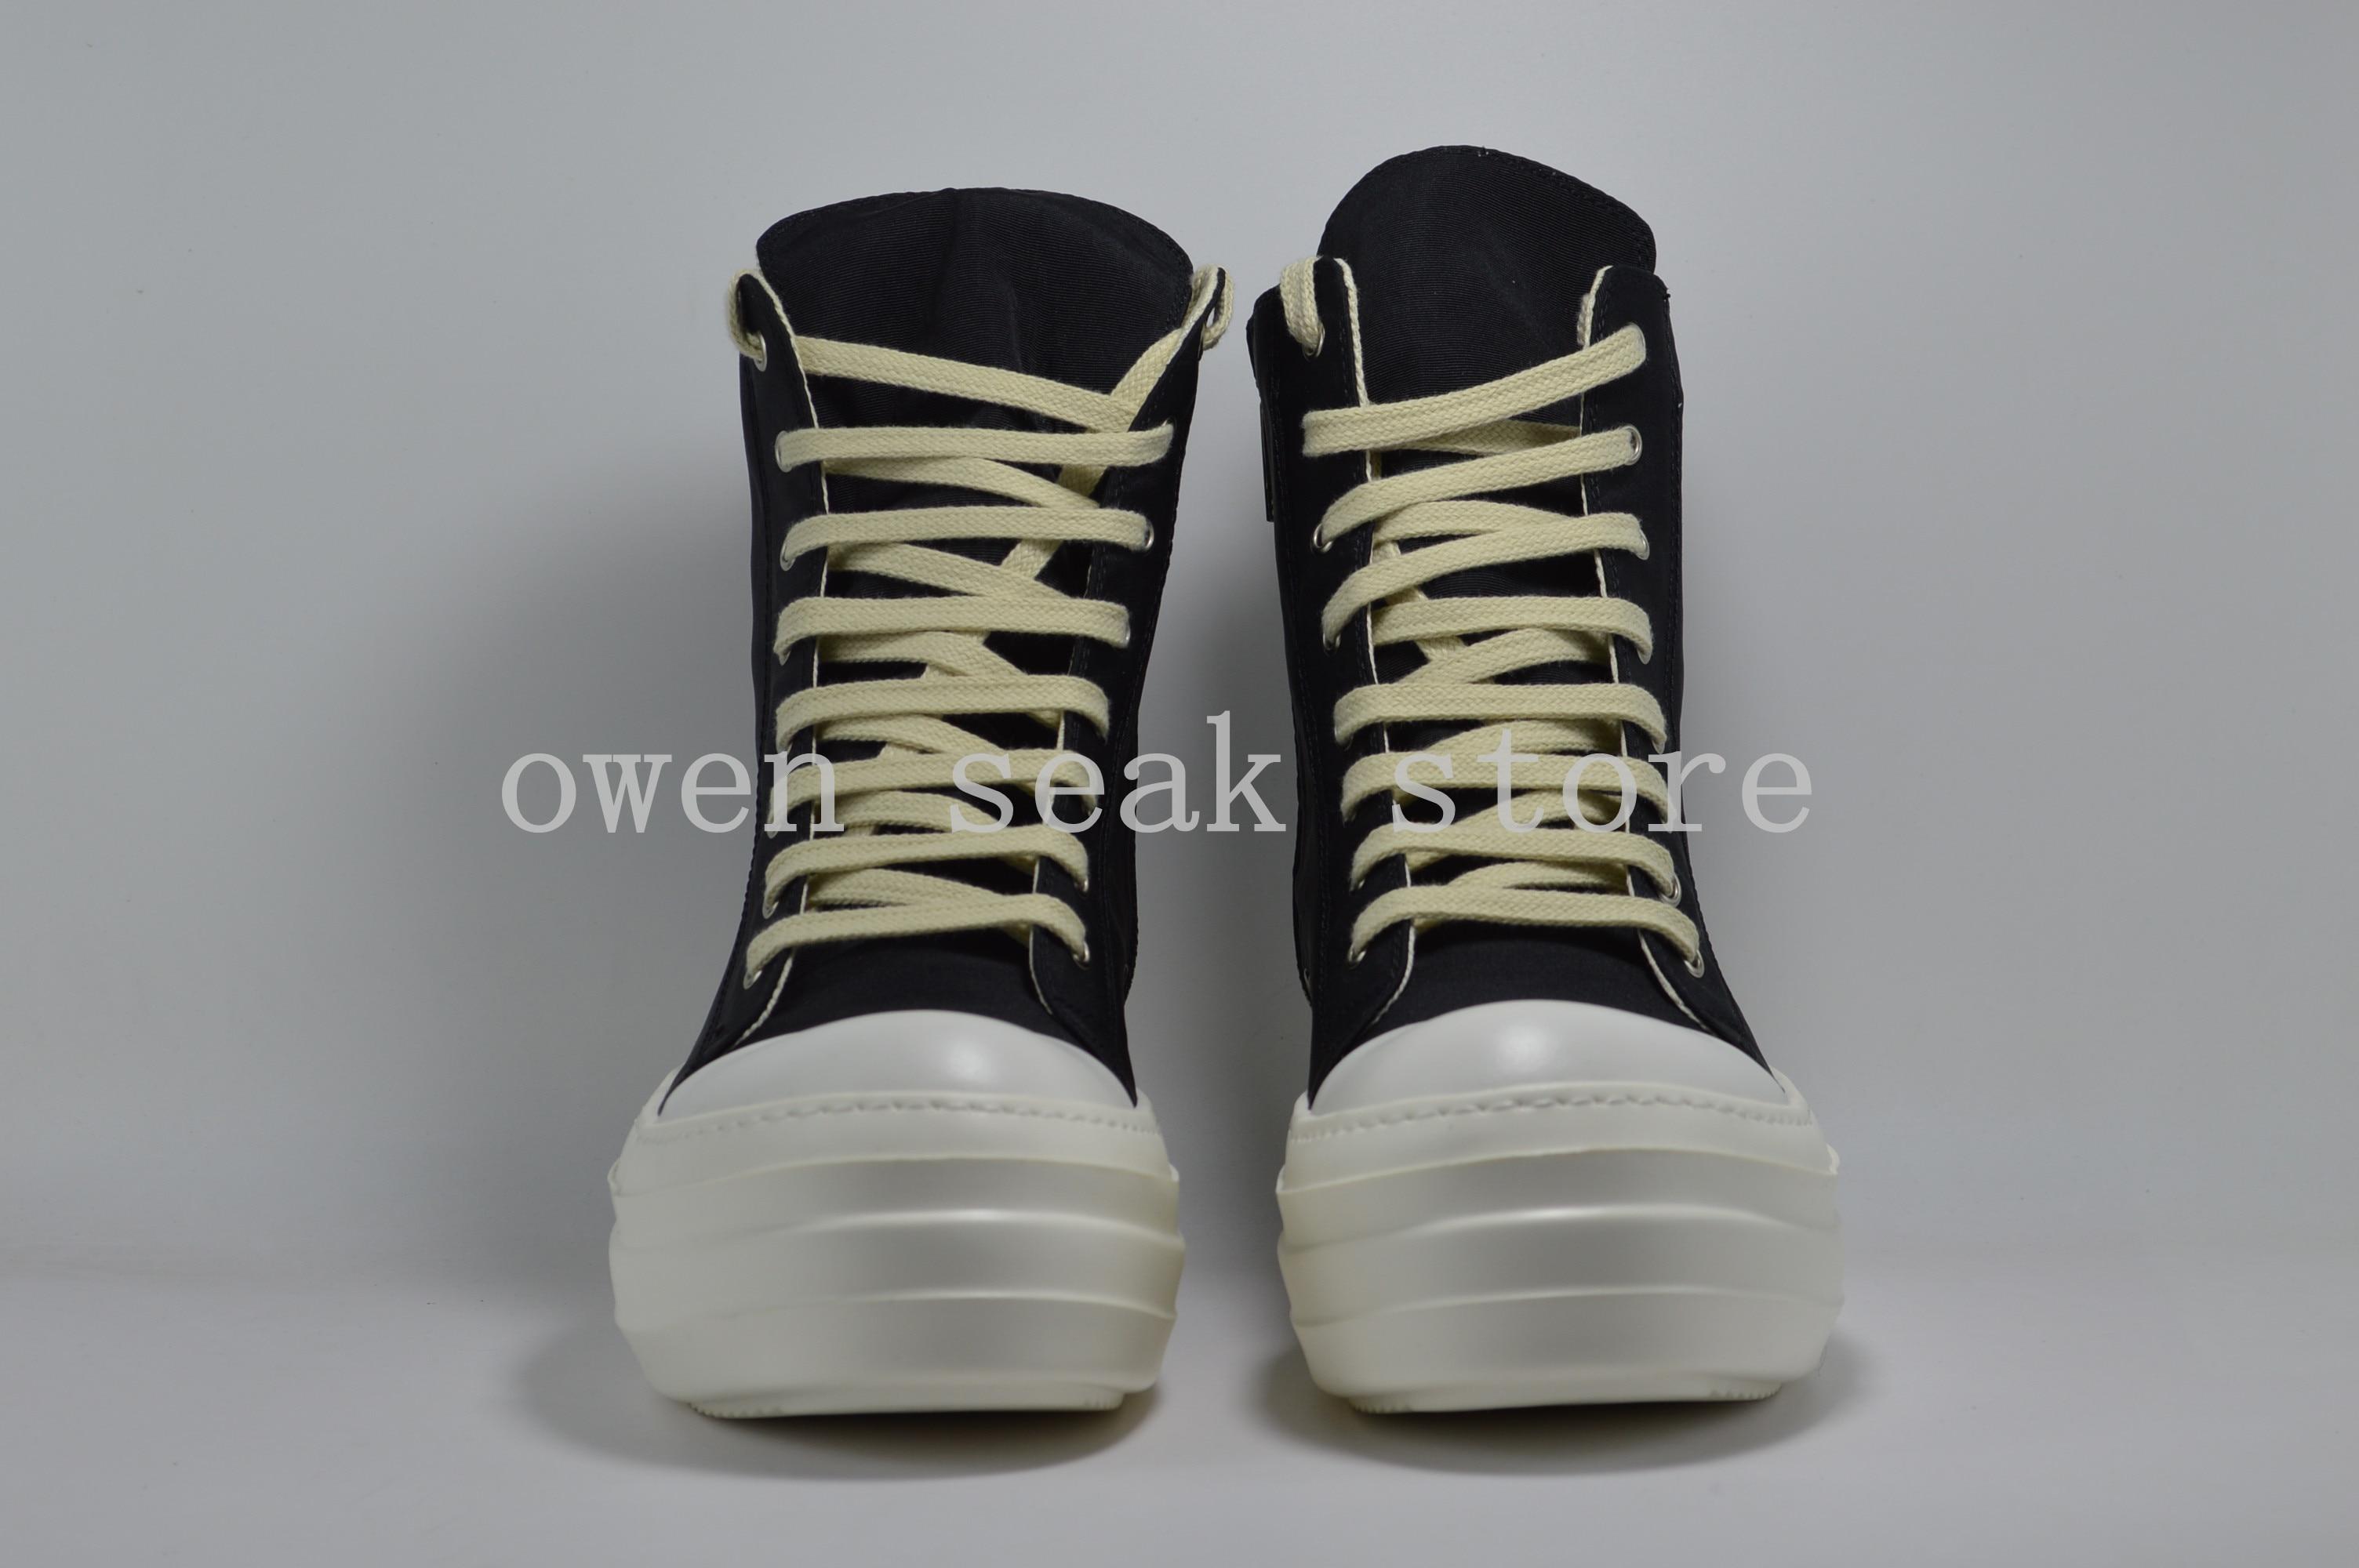 Owen Seak Hommes Toile Chaussures Plate-Forme De Luxe Bottes À Lacets Baskets Décontracté Femmes Hauteur Augmentant Zip Haut de gamme BALLERINES Noir Chaussures